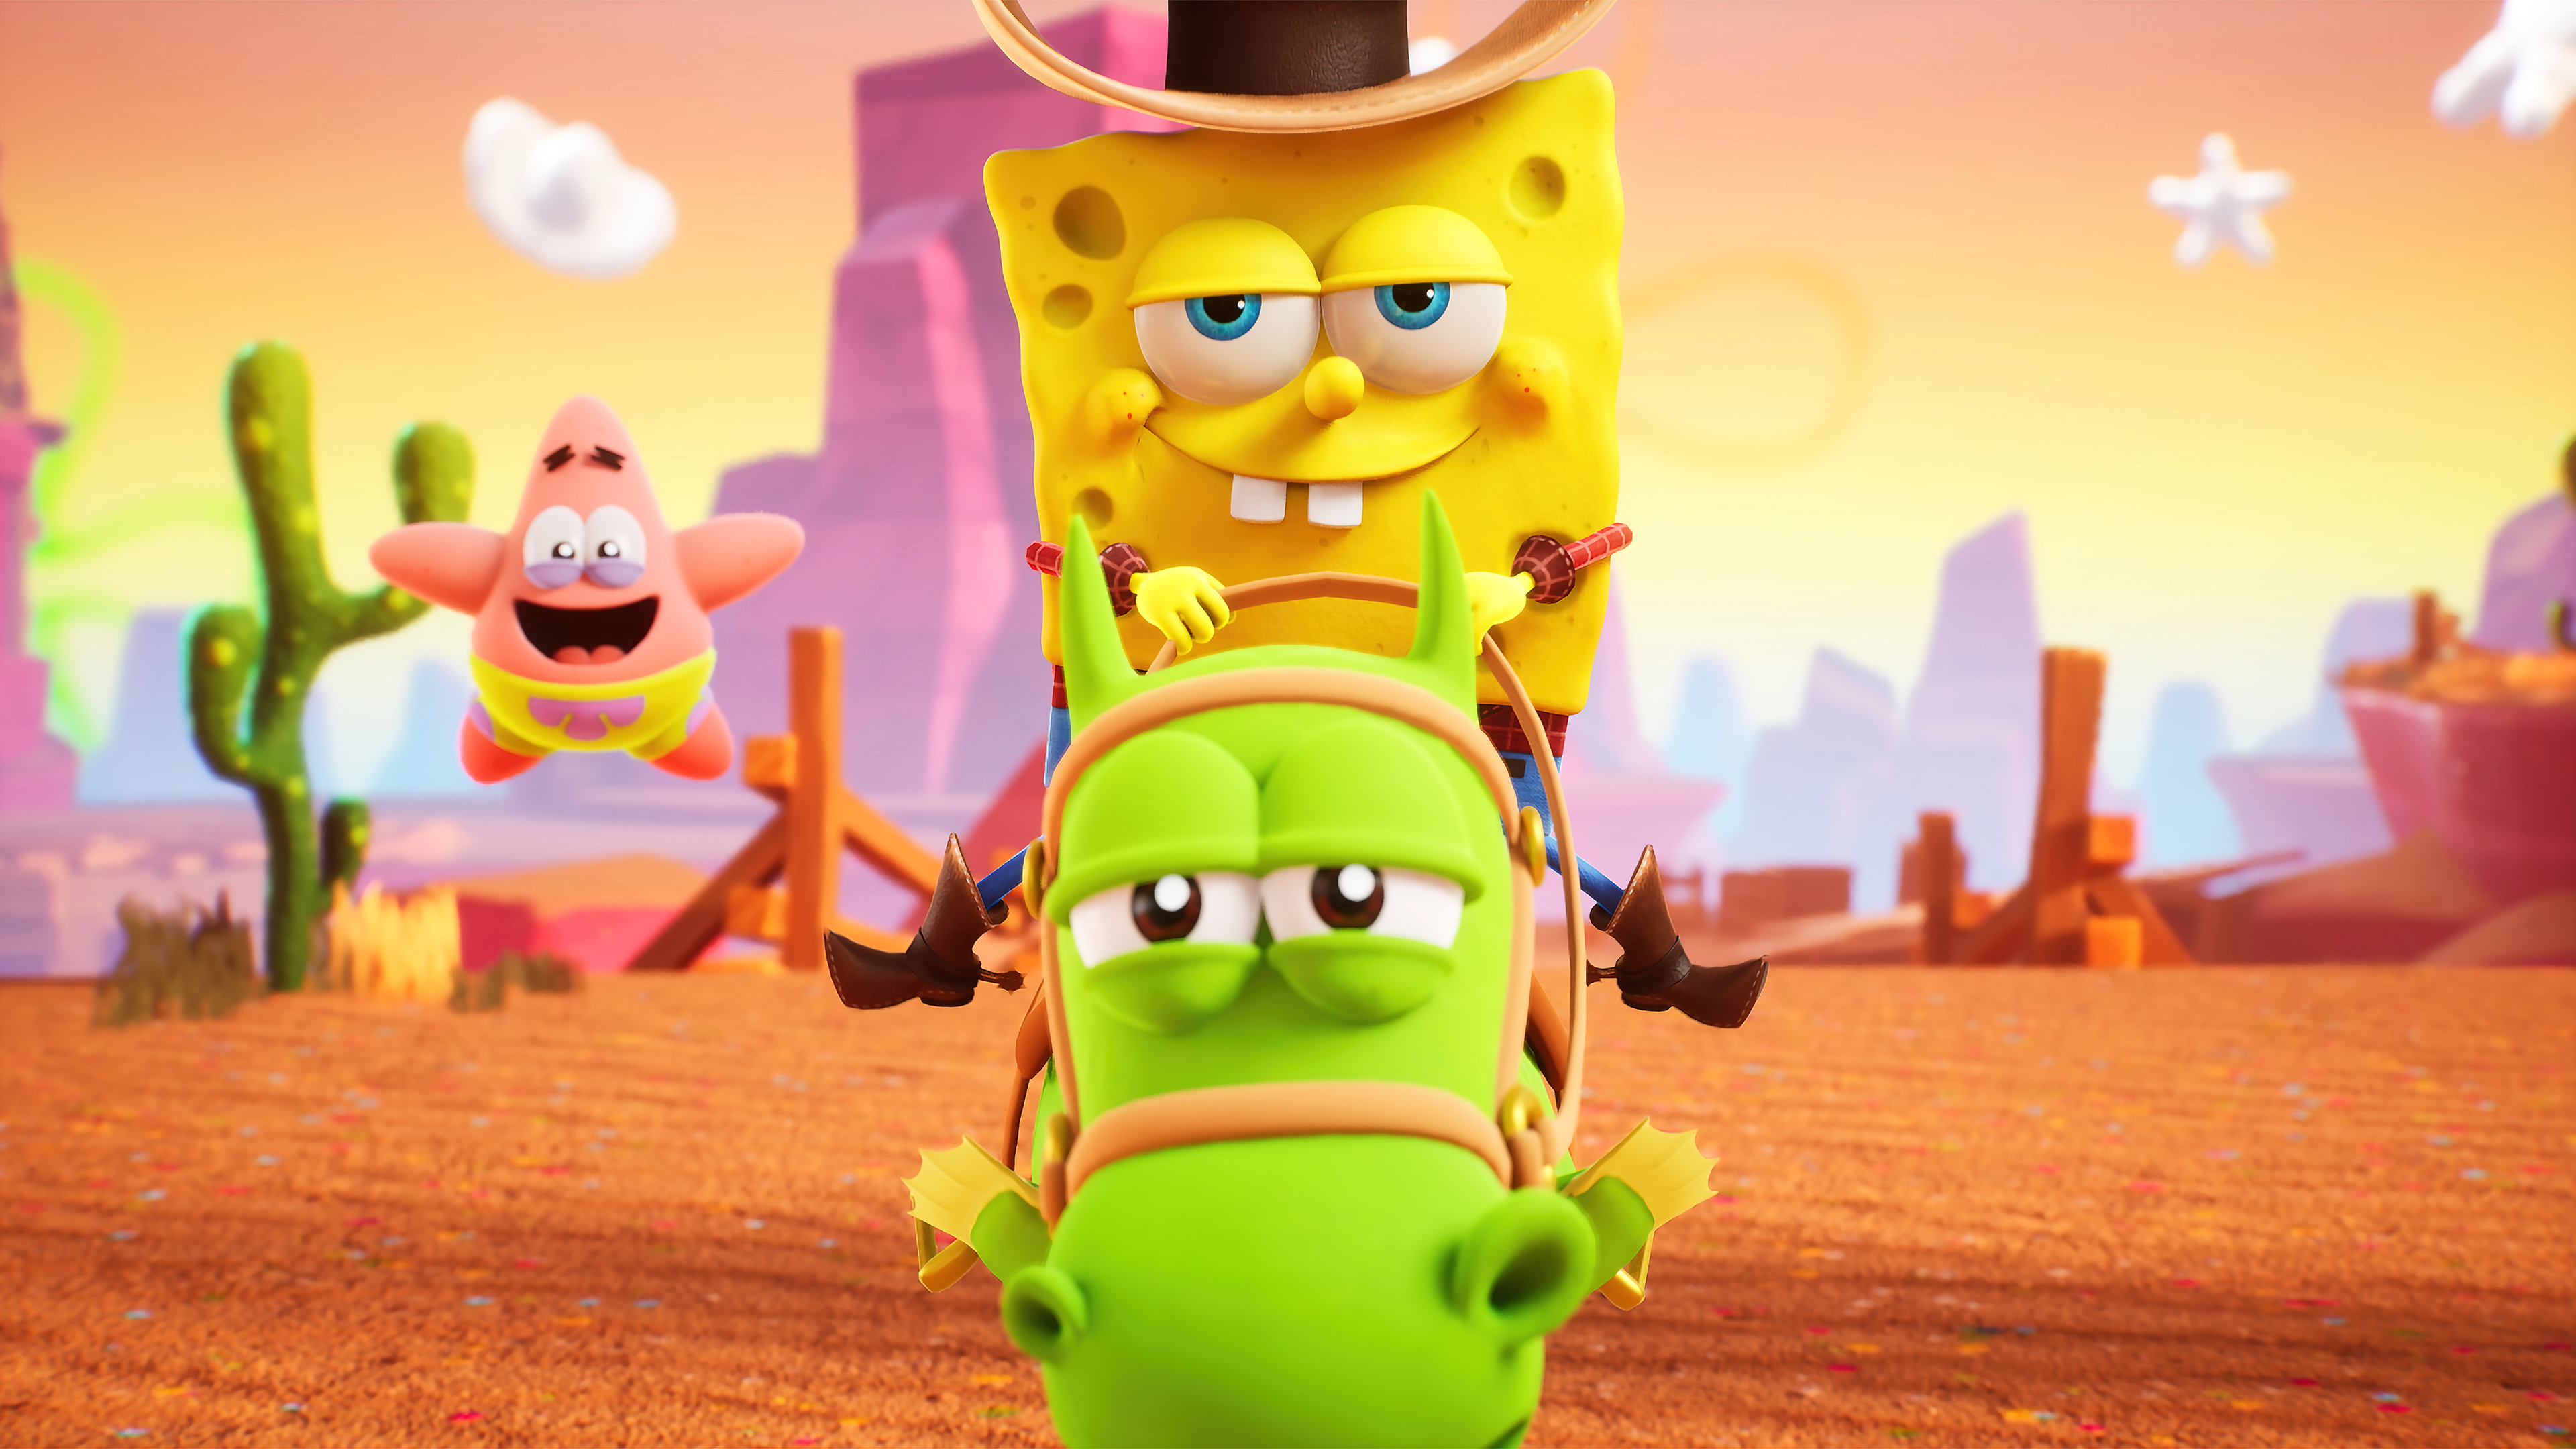 Wallpaper Spongebob Squarepants The cosmic shake characters